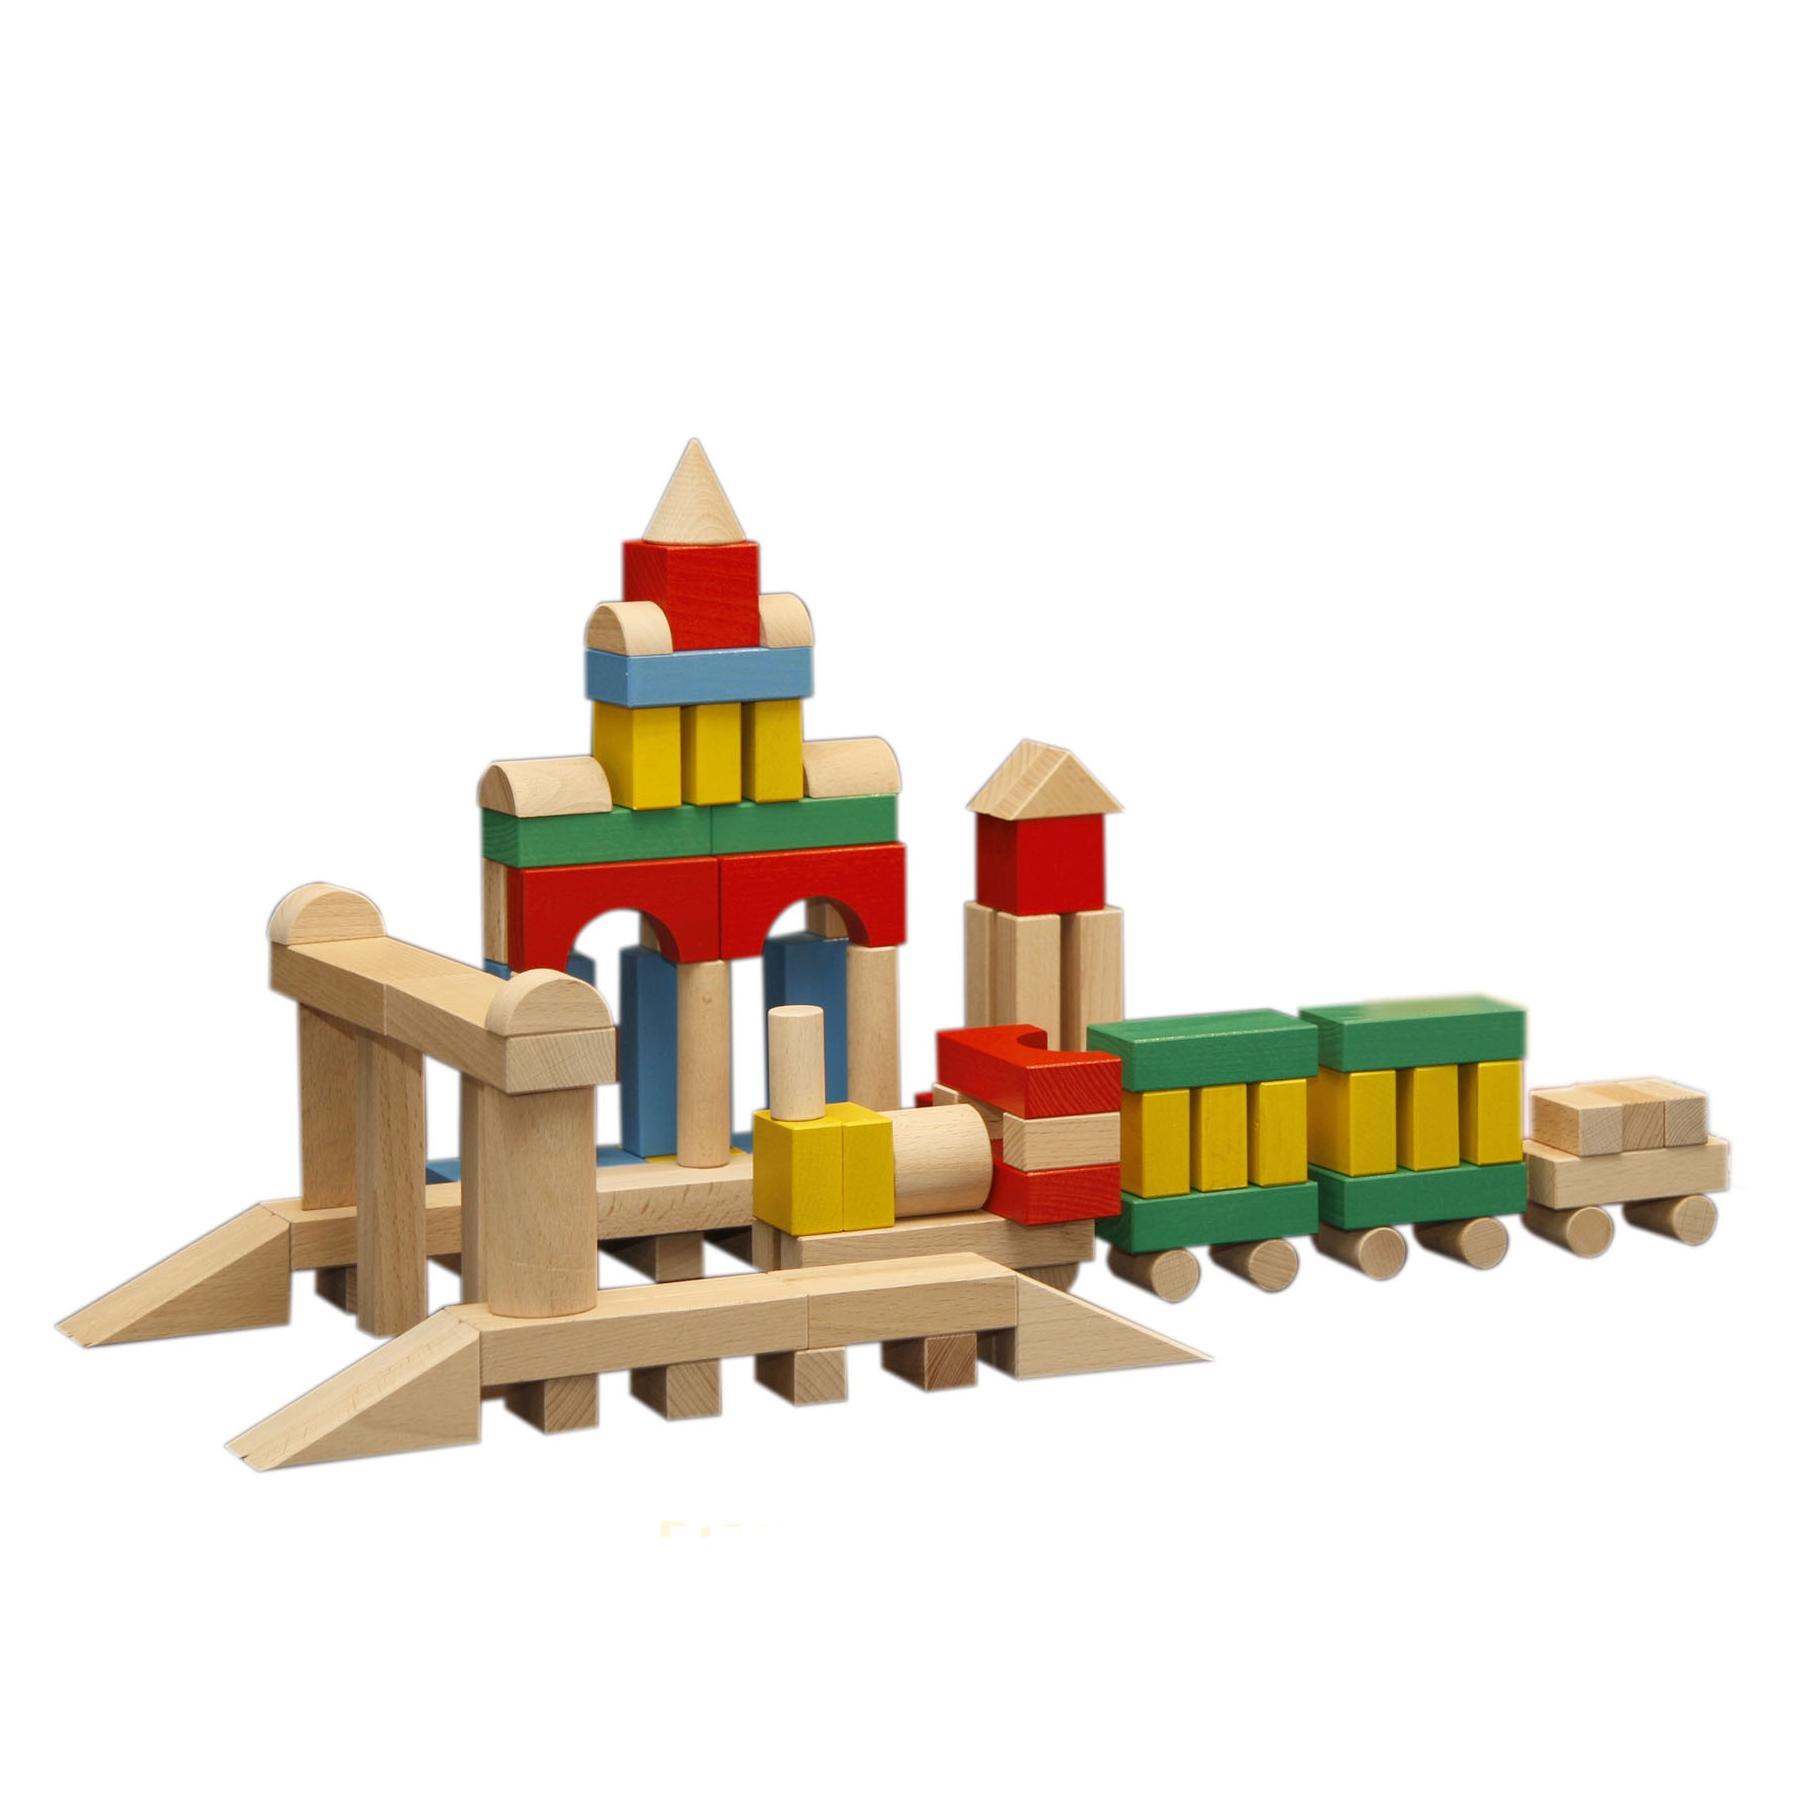 Конструктор деревянный цветной, 150 деталейДеревянный конструктор<br>Конструктор деревянный цветной, 150 деталей<br>